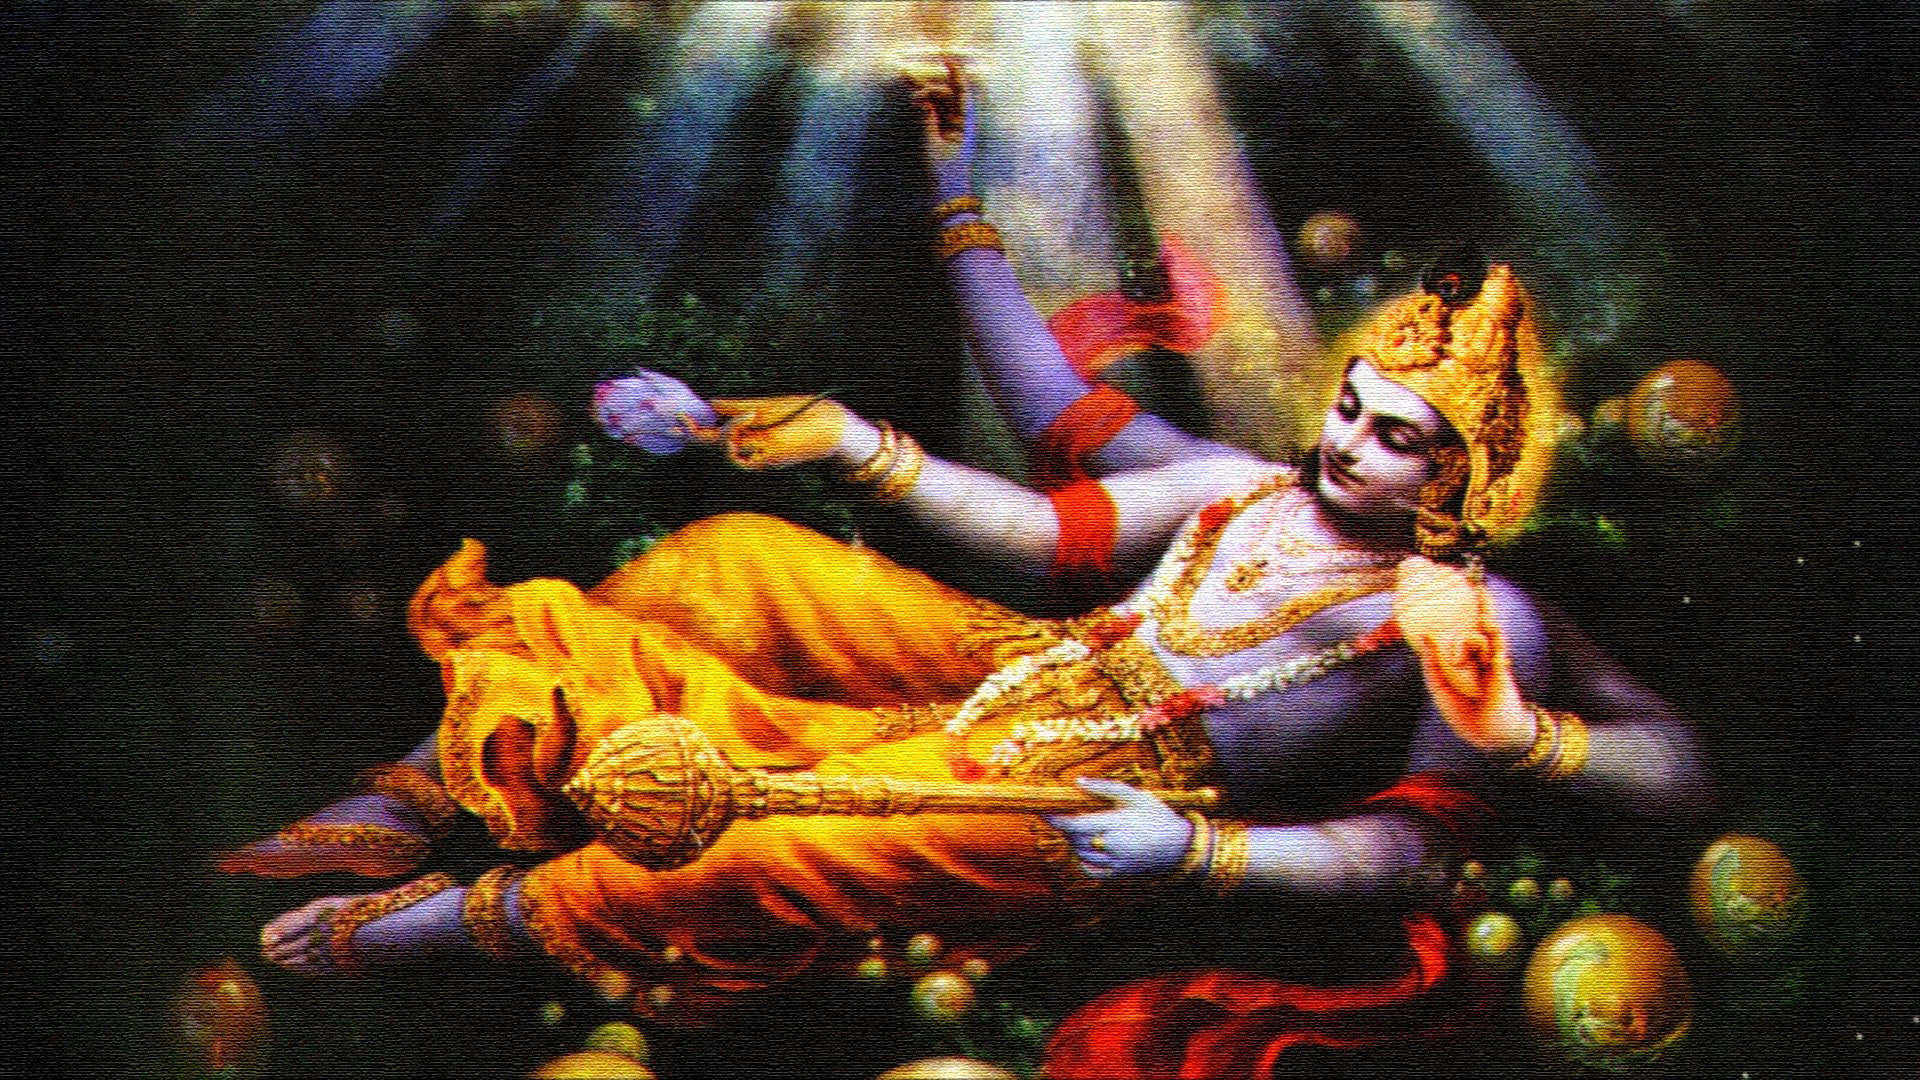 Vishnu Avatar Images